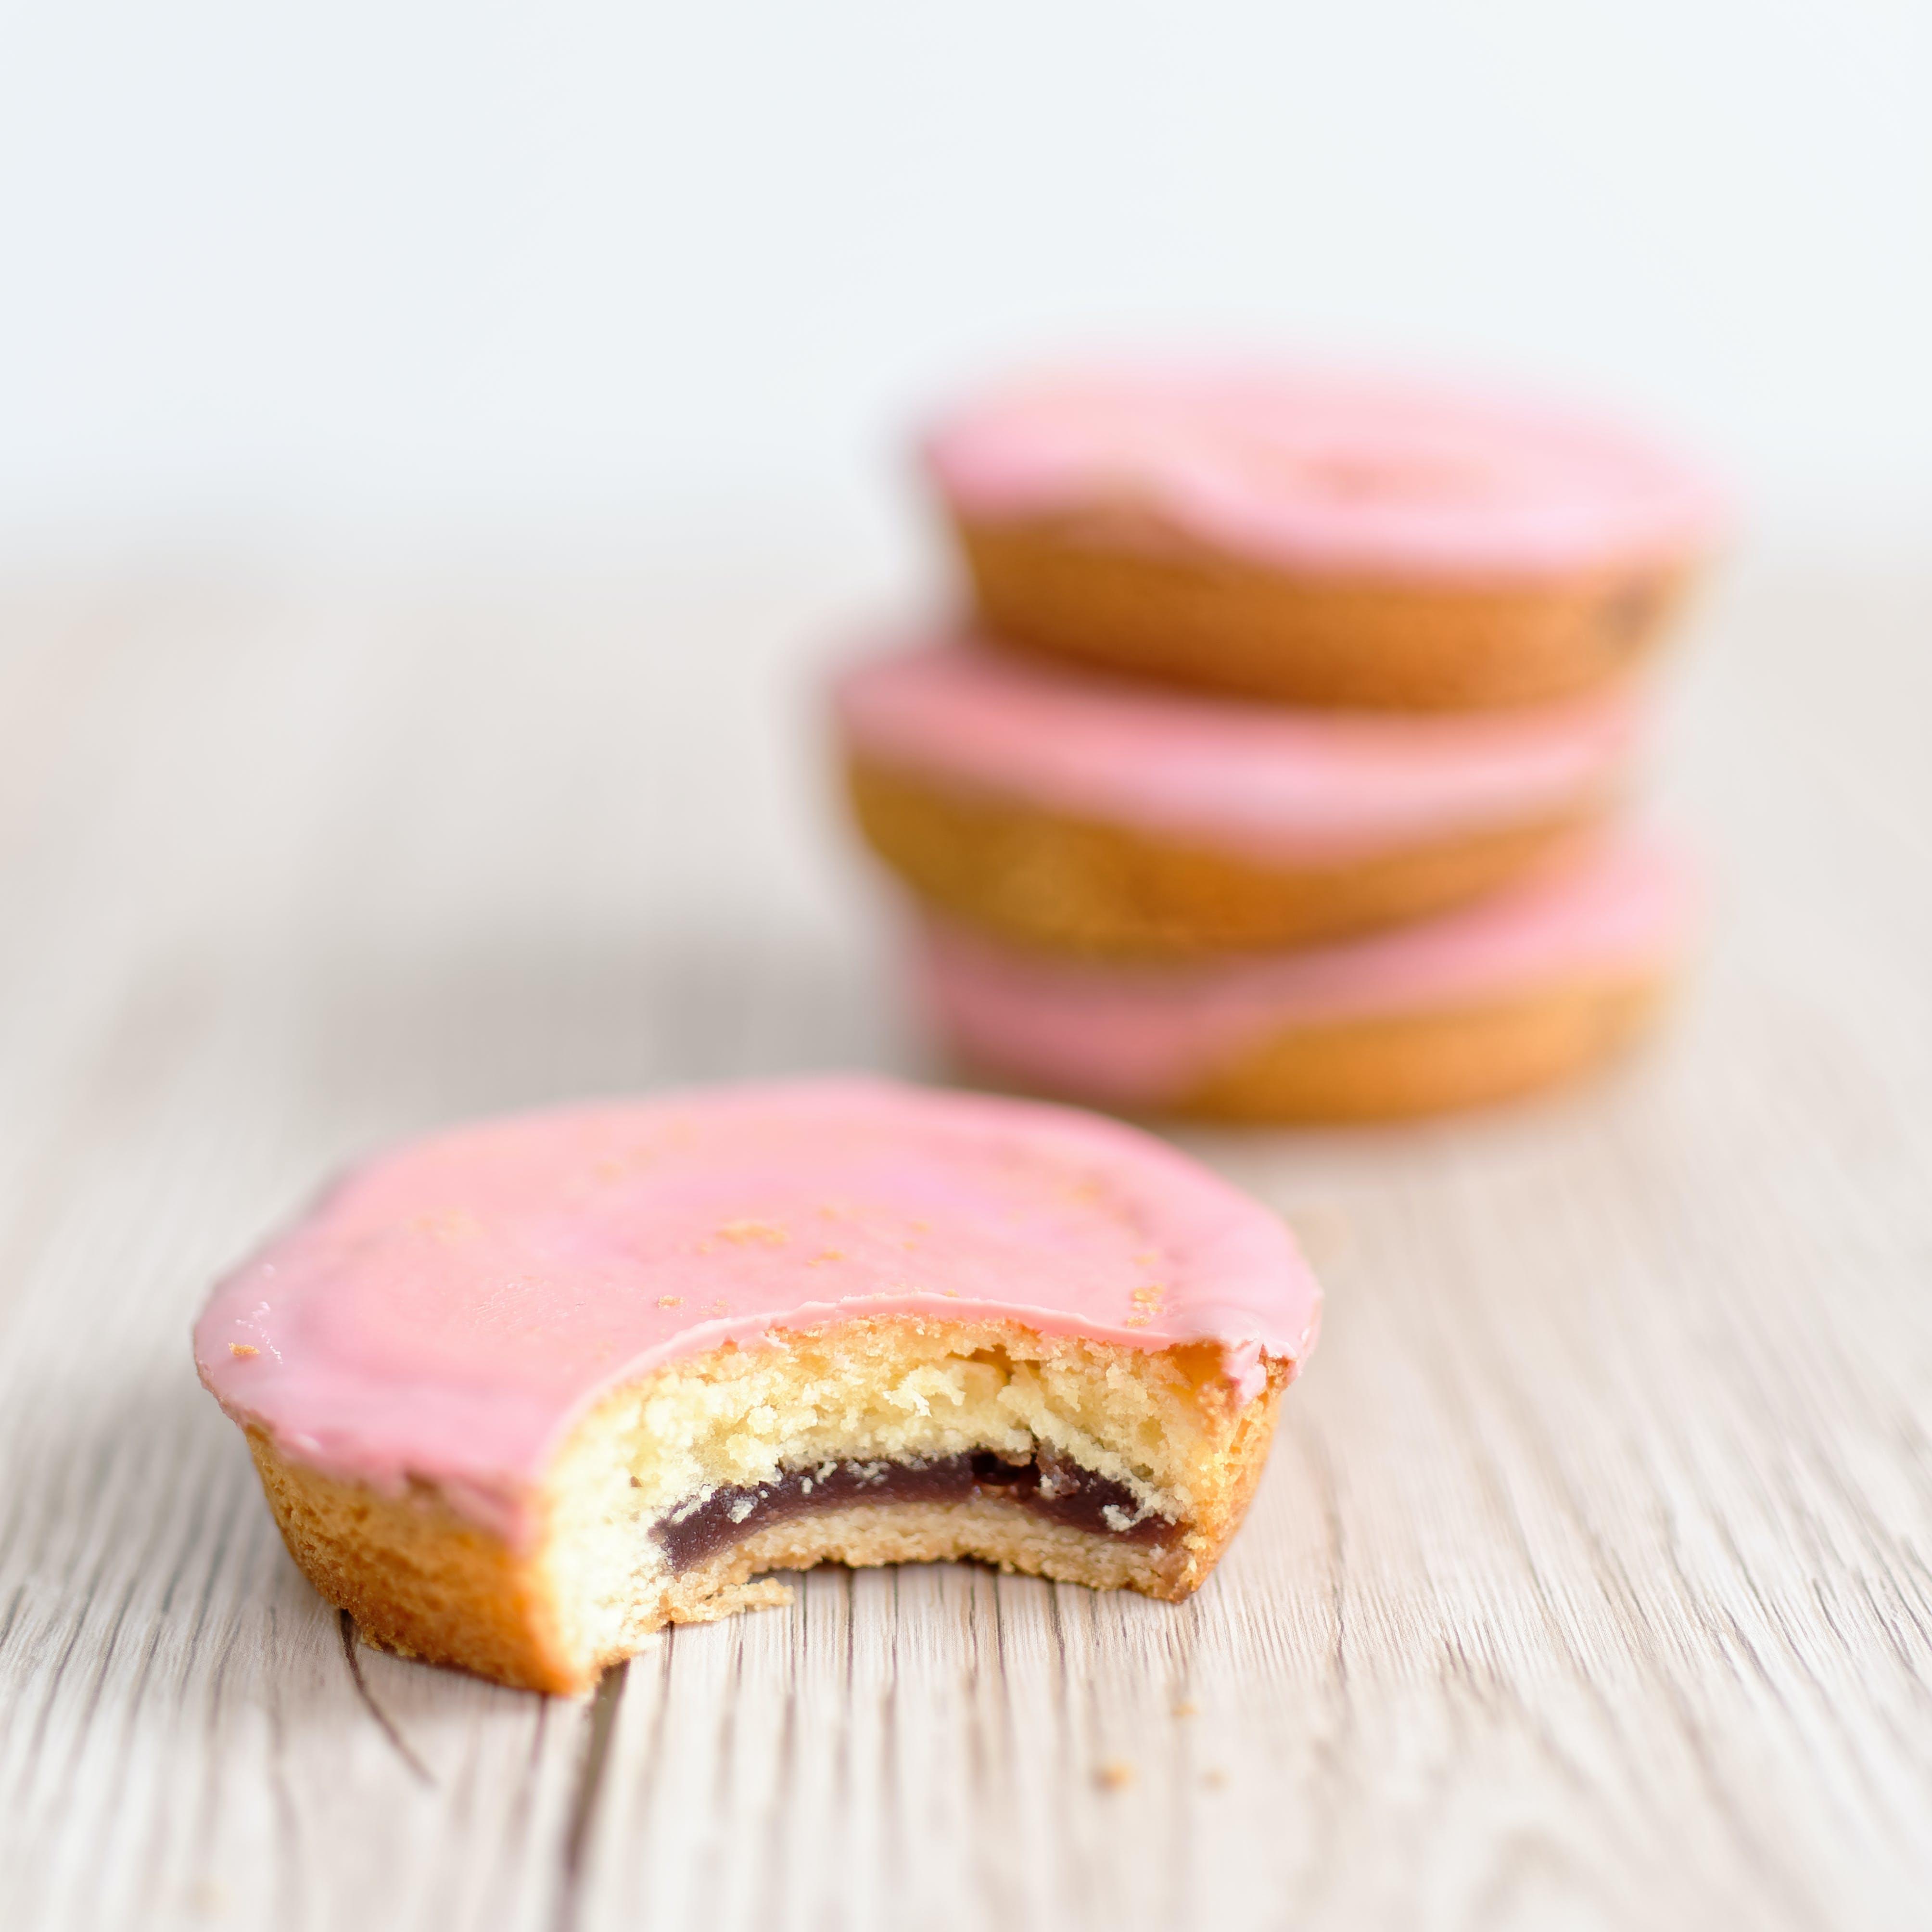 Kostenloses Stock Foto zu essen, zucker, bäckerei, süßigkeiten